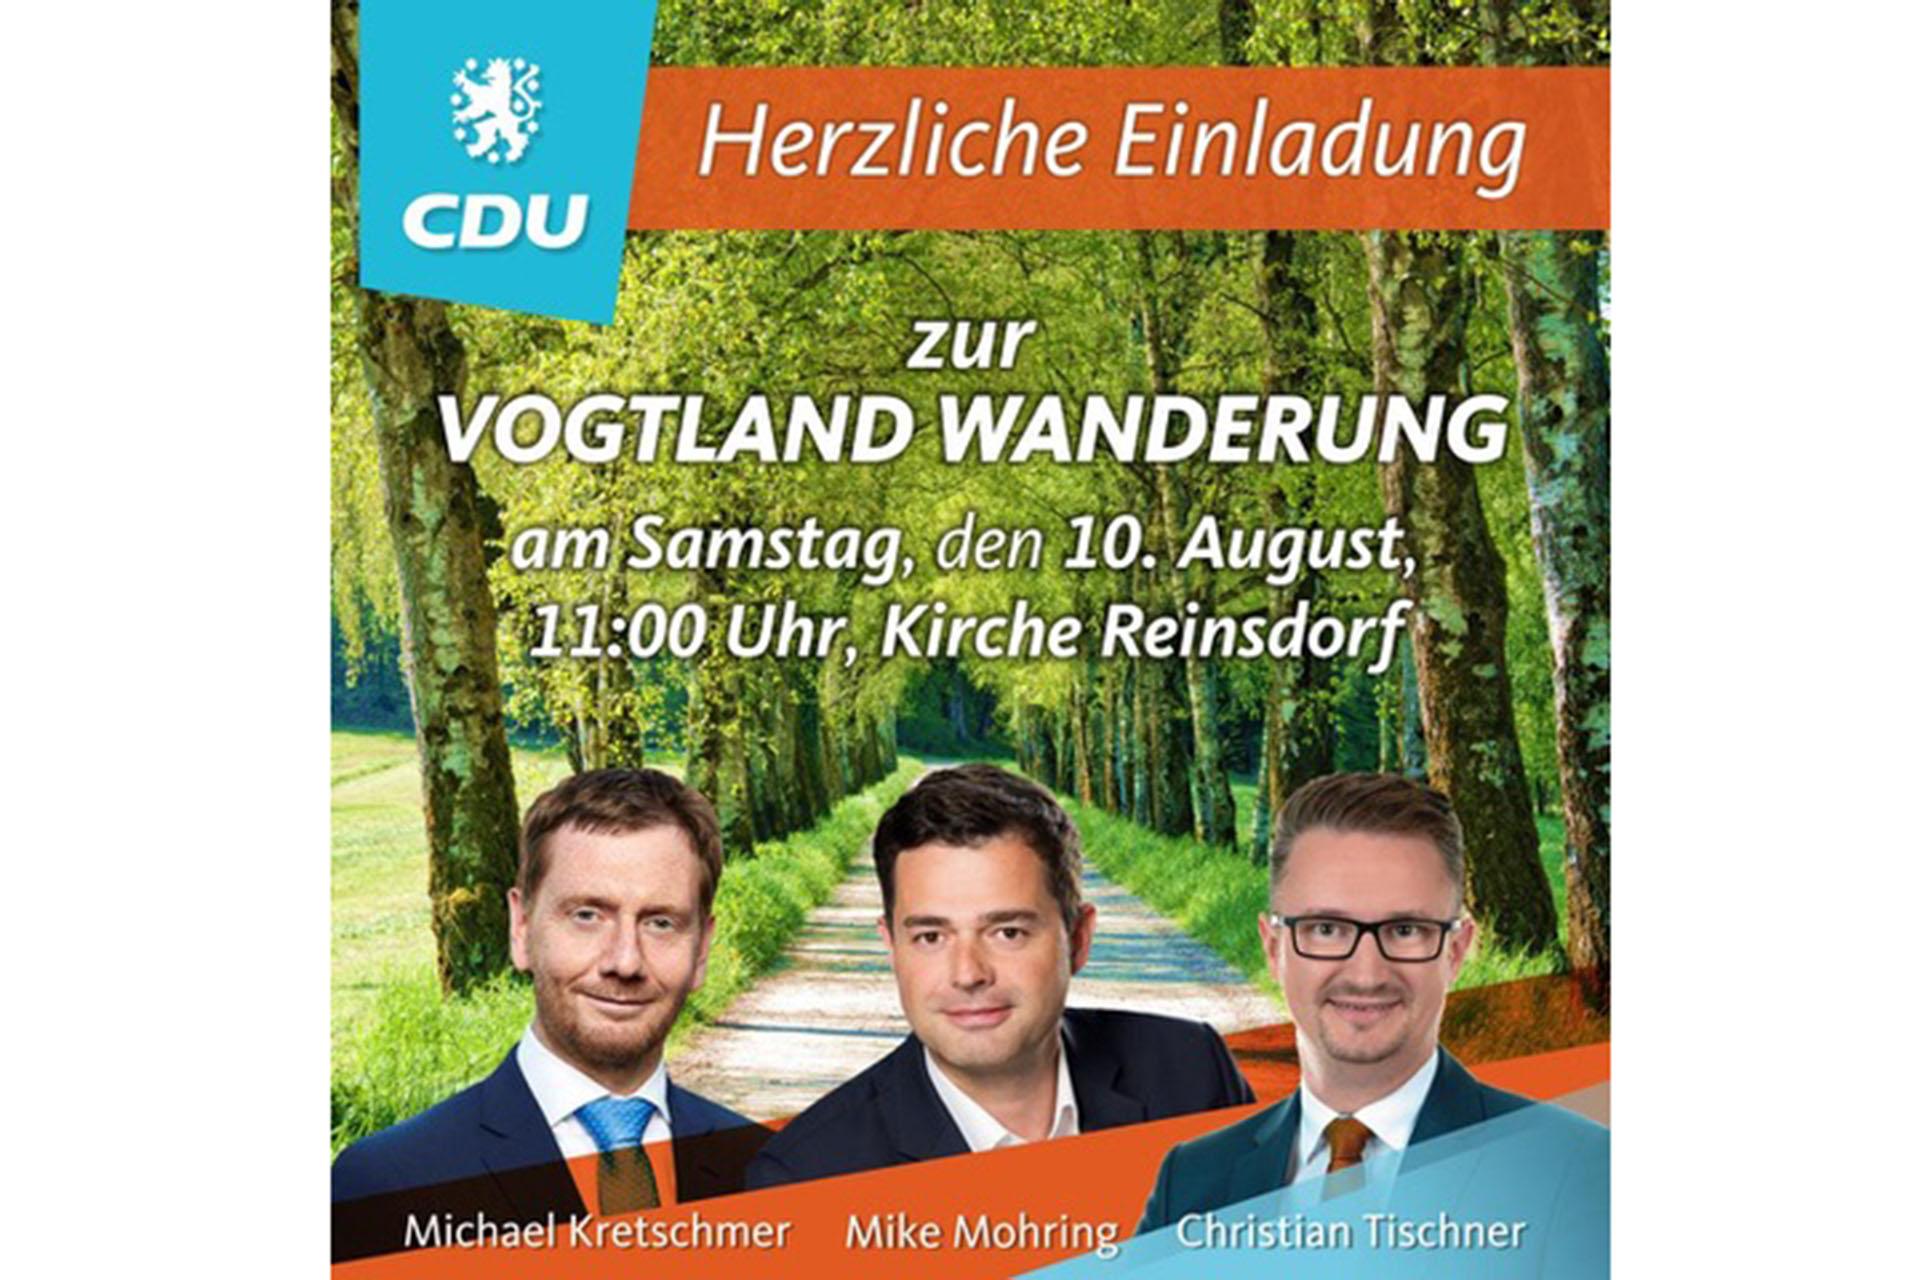 Länderübergreifende Tour führt mit Mike Mohring und Michael Kretschmer am 10. August von Reinsdorf zur Göltzschtalbrücke.